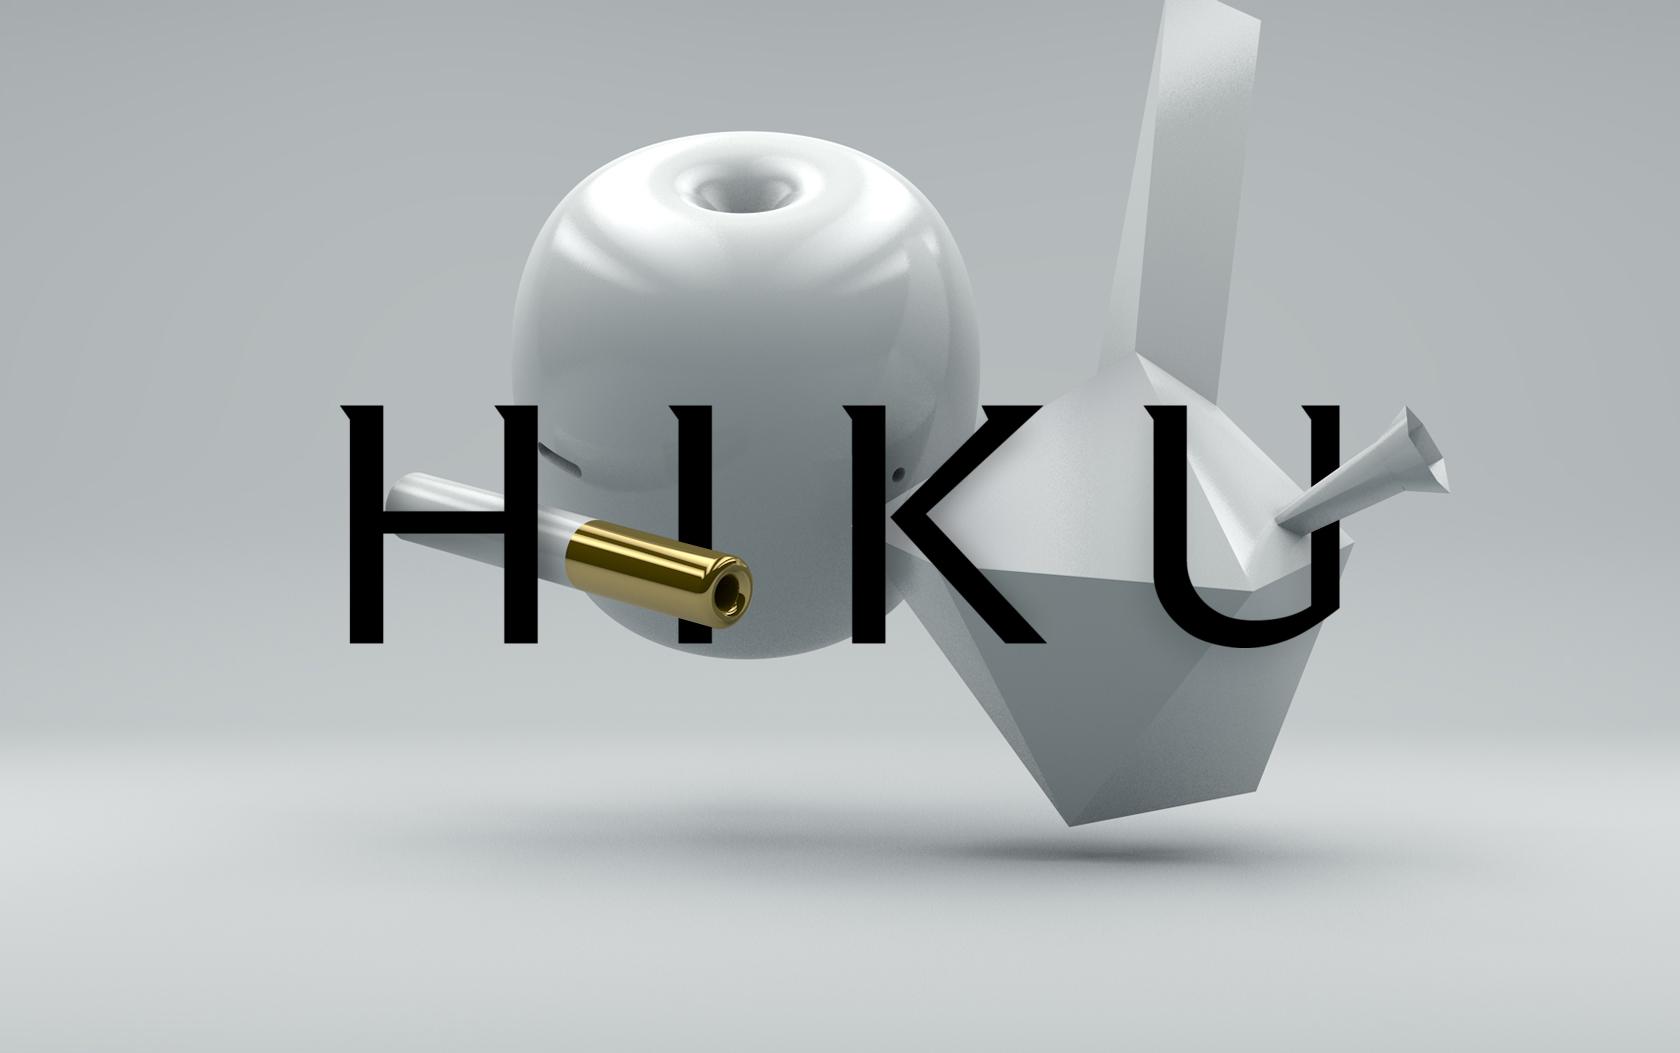 HIKU_StudioLockup_A.jpg